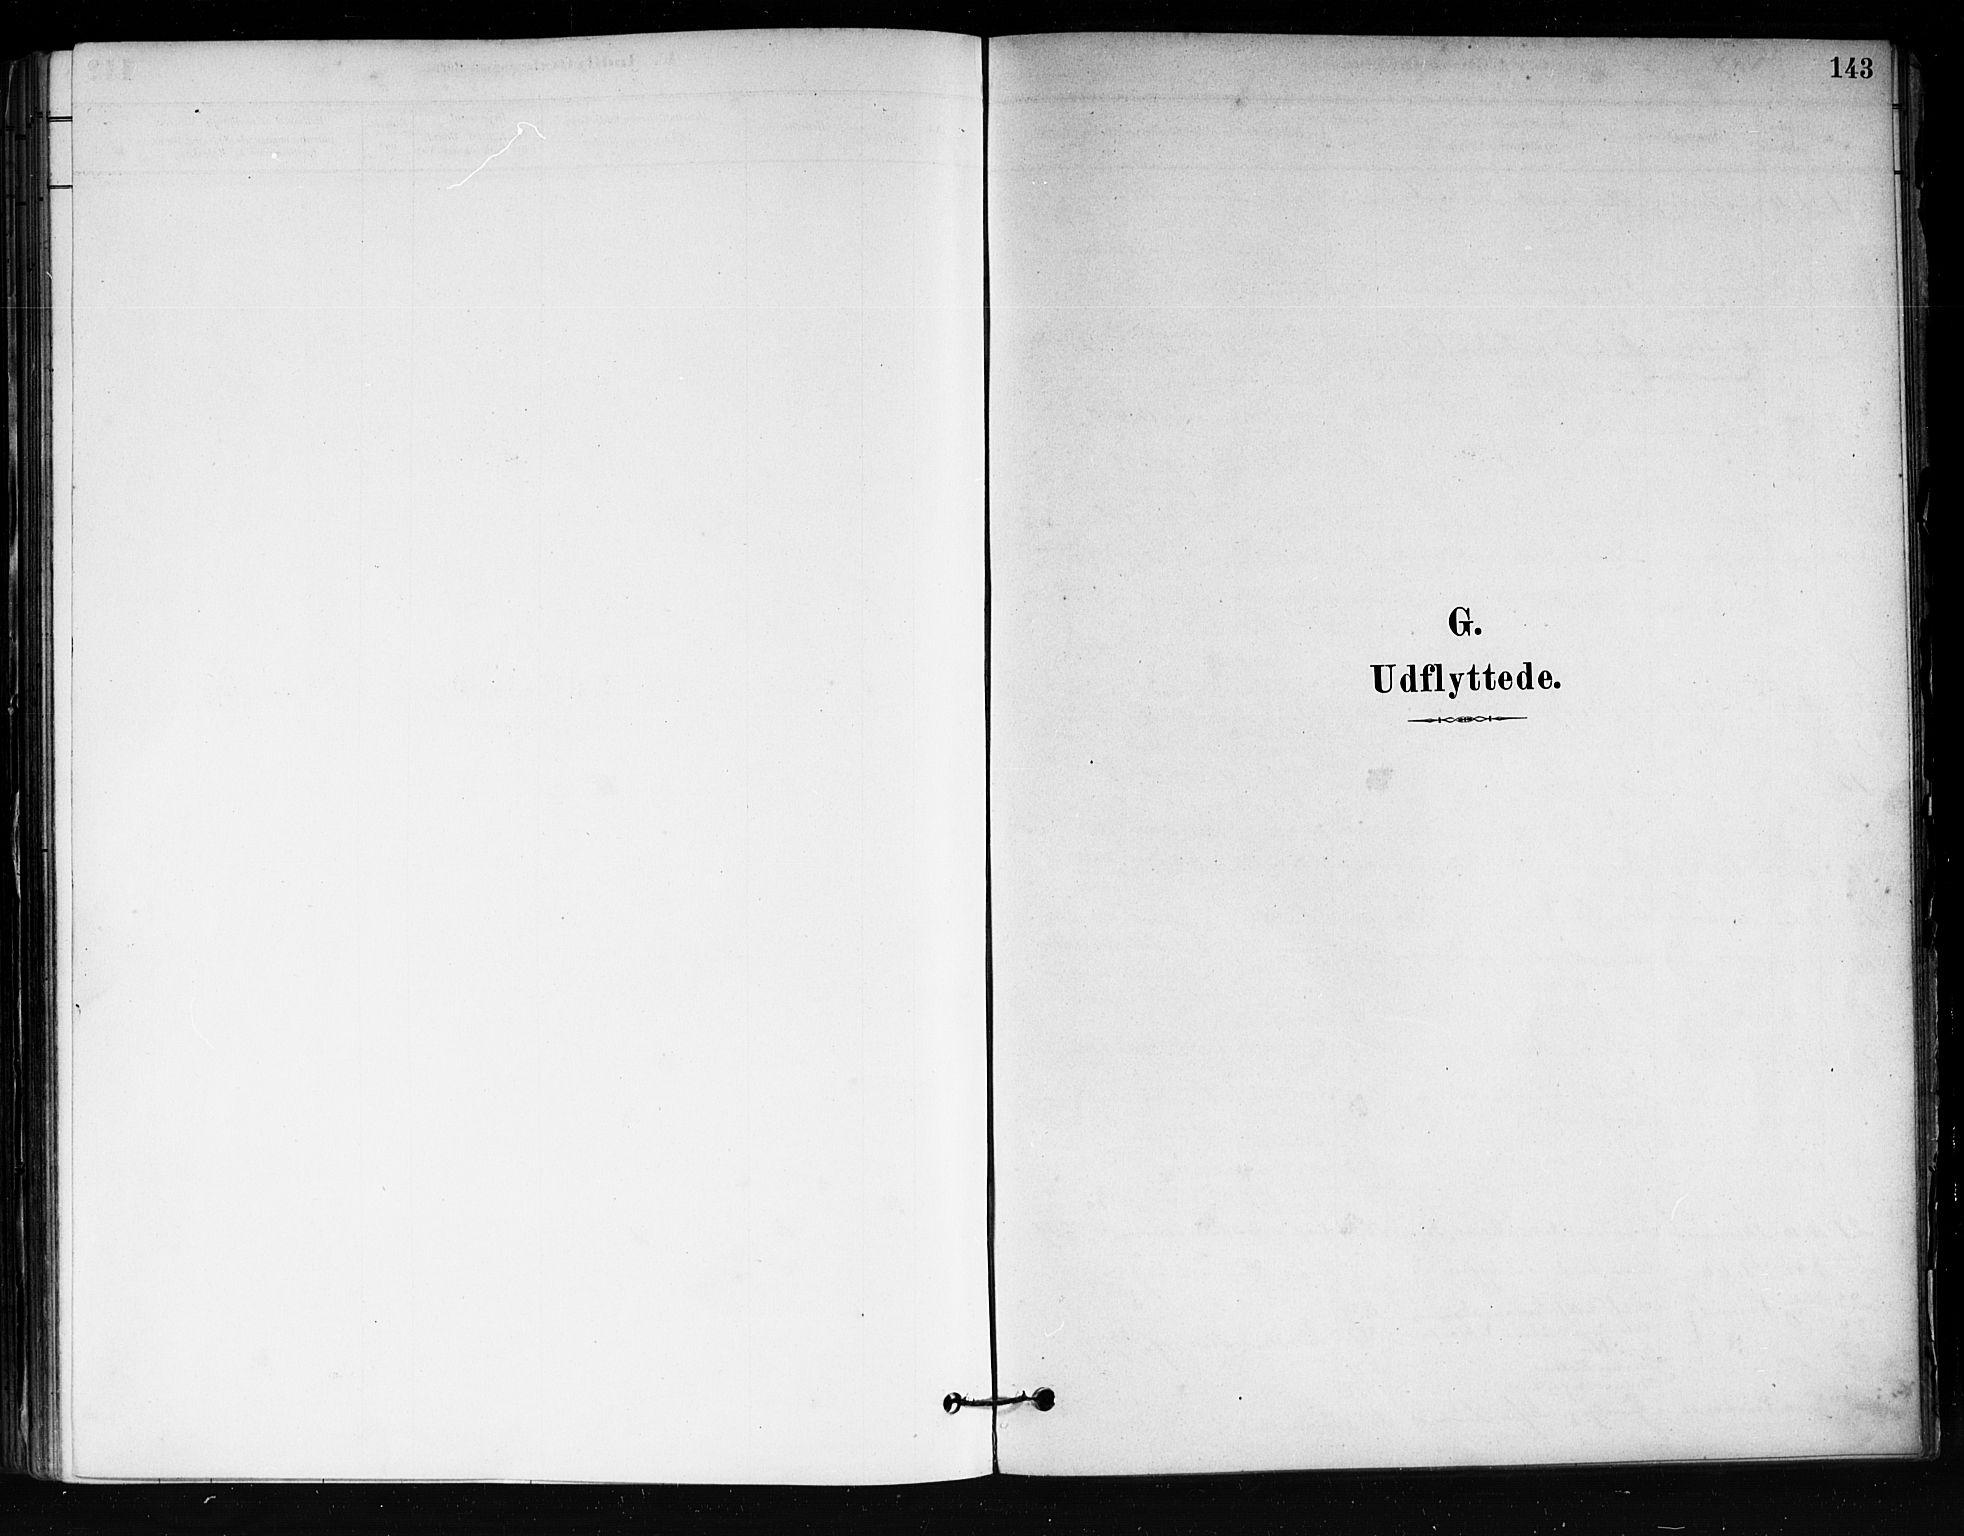 SAKO, Tjøme kirkebøker, F/Fa/L0001: Ministerialbok nr. 1, 1879-1890, s. 143